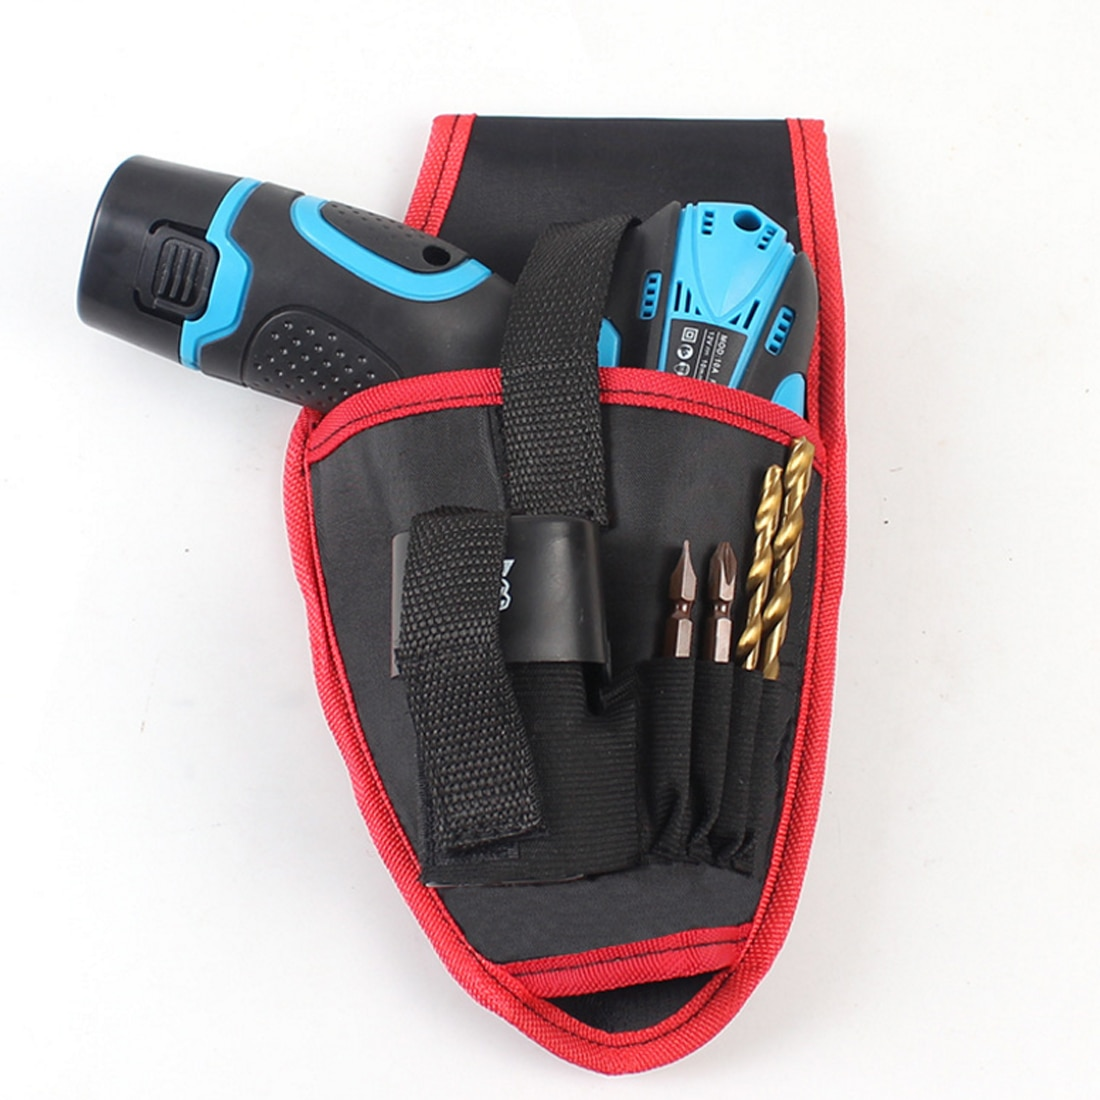 Набор ручных инструментов, портативный держатель для дрели, сумка для инструментов для дрели, отвертки, поясной инструмент, сумка на ремень,...